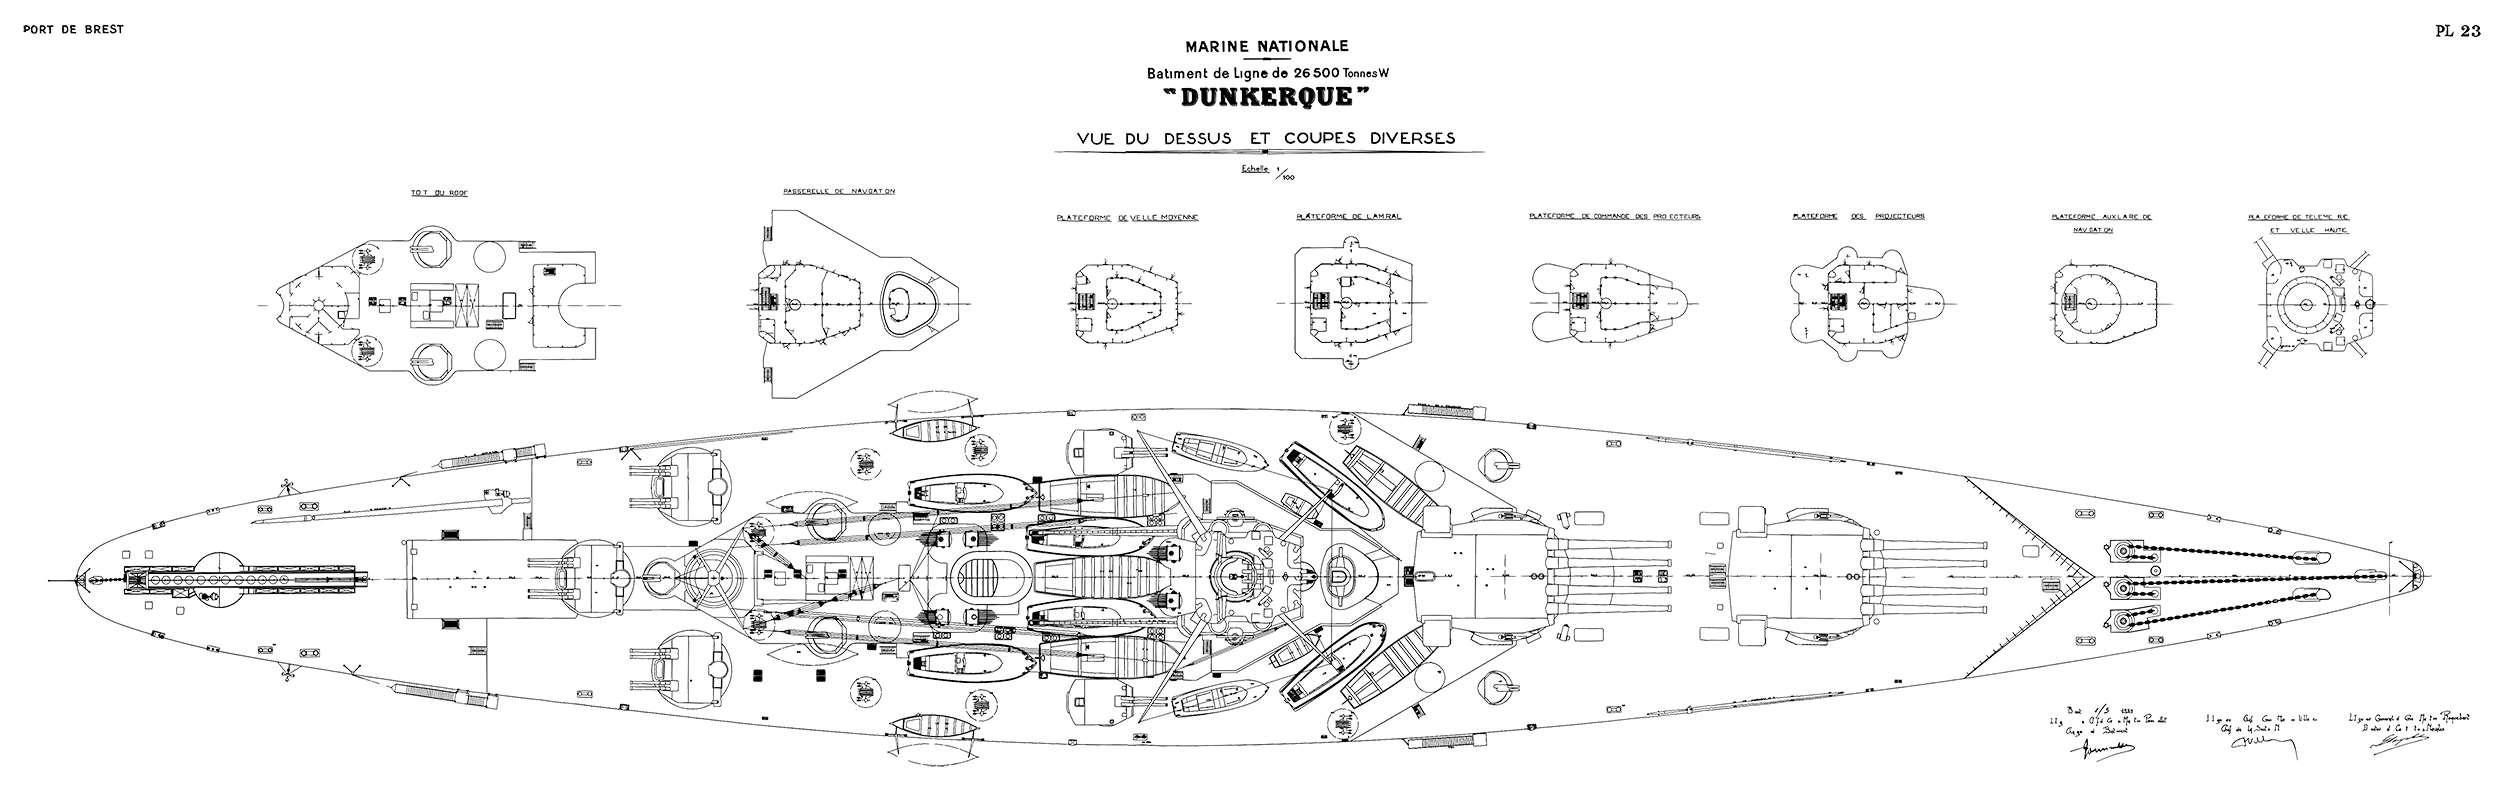 DUNKERQUE [1939] 1/350 HobbyBoss + pont en bois artwox - Page 3 Dunker60